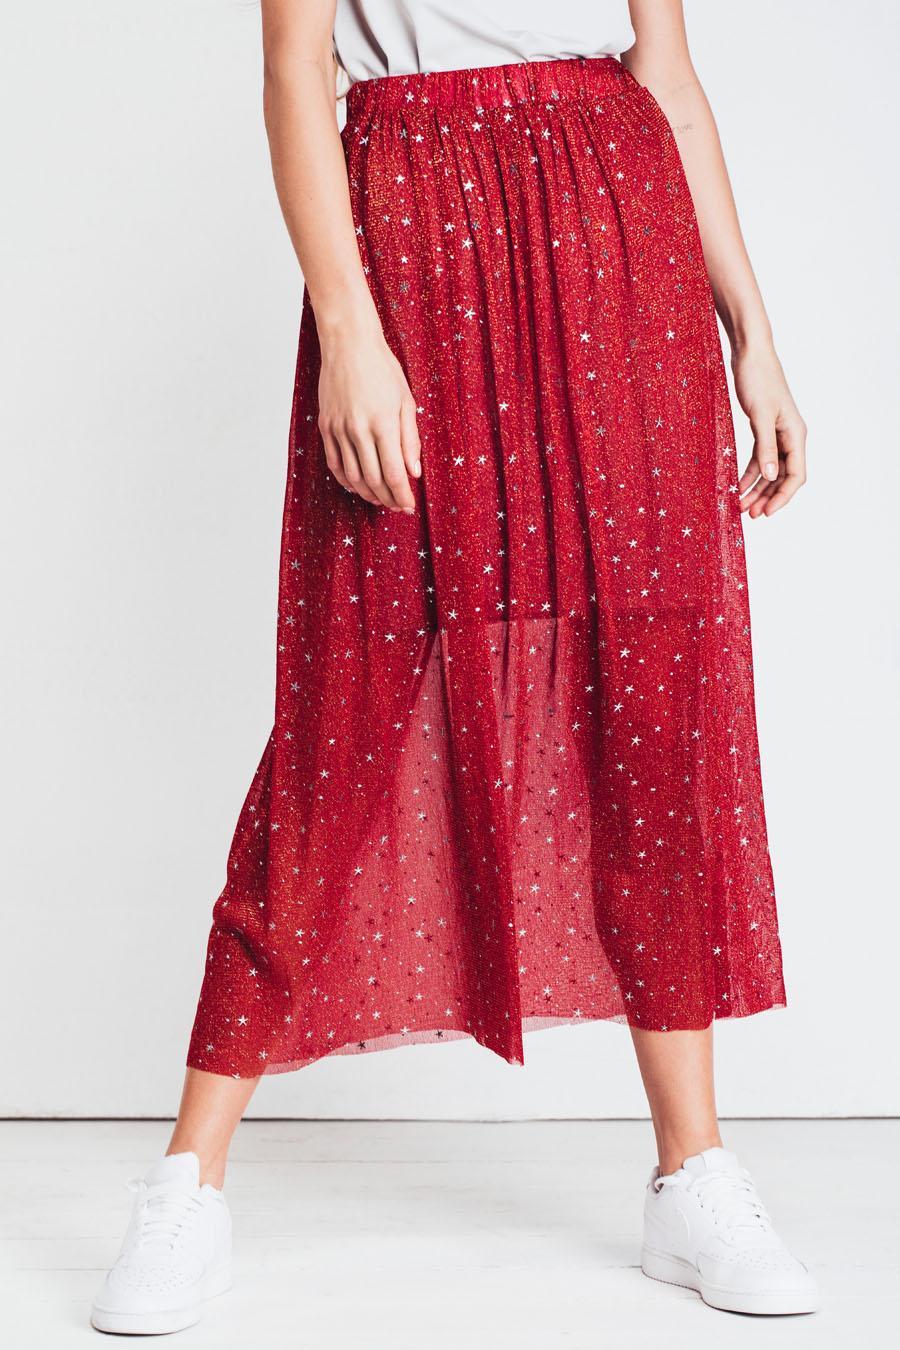 jagger zenska suknja kolekcija prolece leto 2021 ss 2021 kupi online jg 5513 20 2